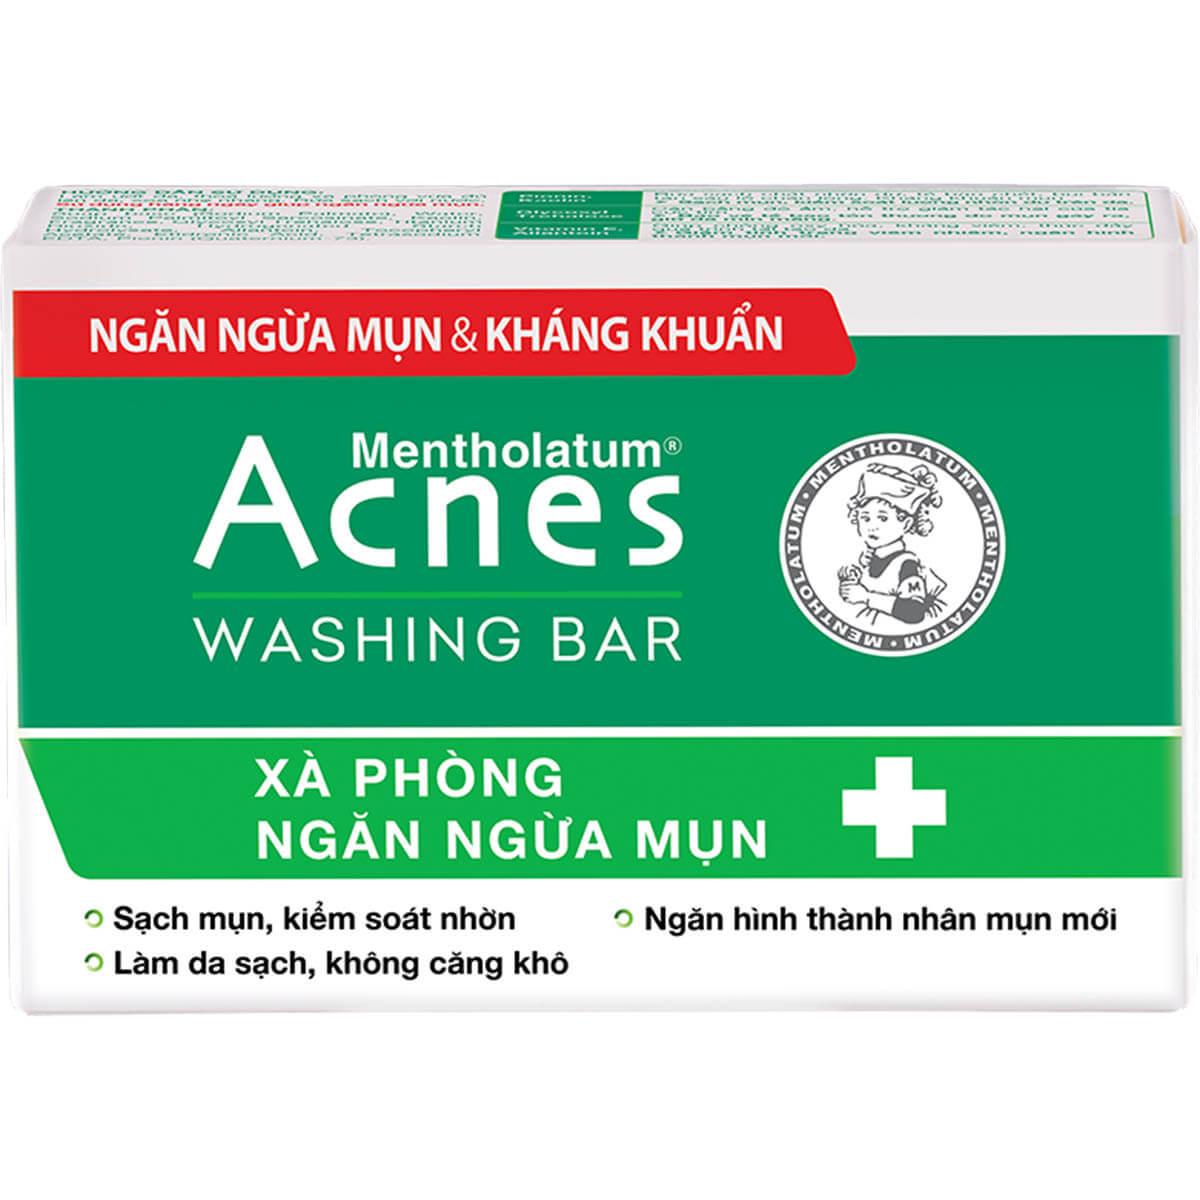 đẩy lùi nỗi lo về mụn với acnes washing bar